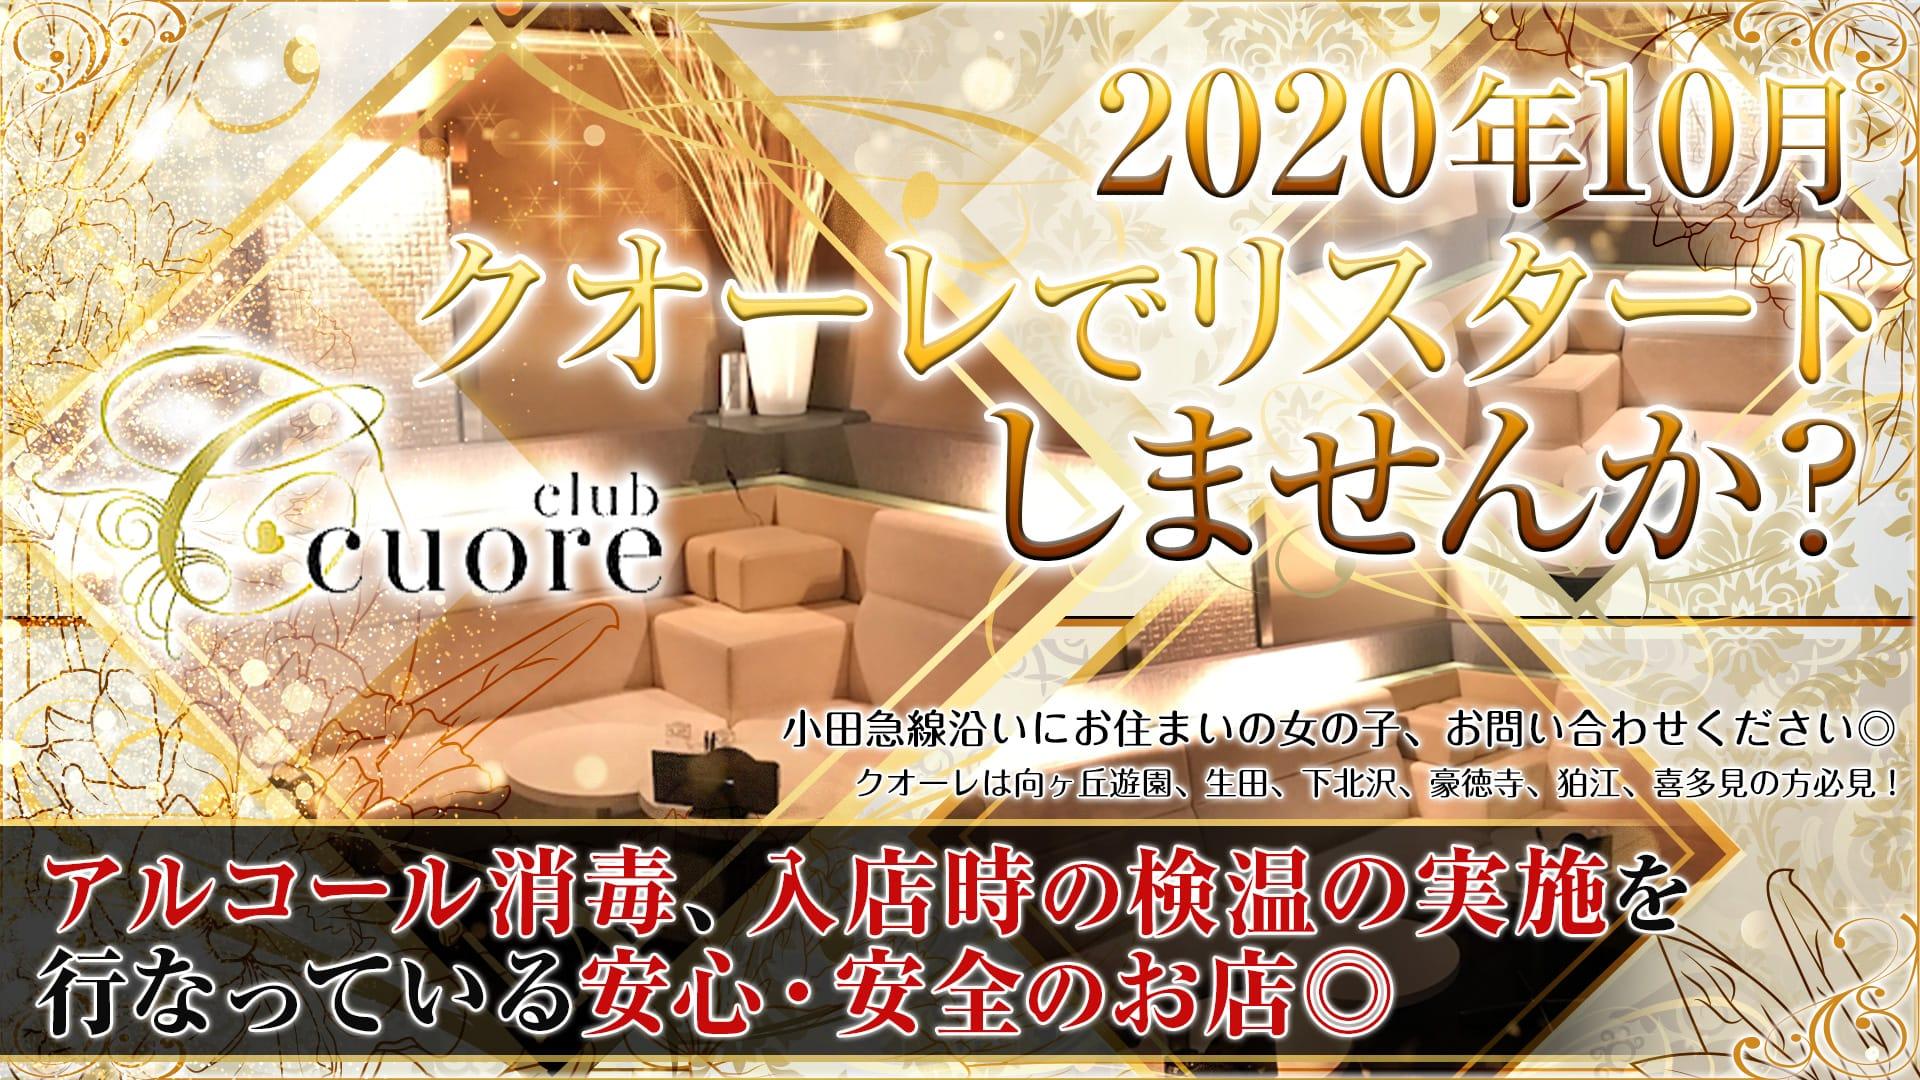 CLUB Cuore(クオーレ) 経堂キャバクラ TOP画像